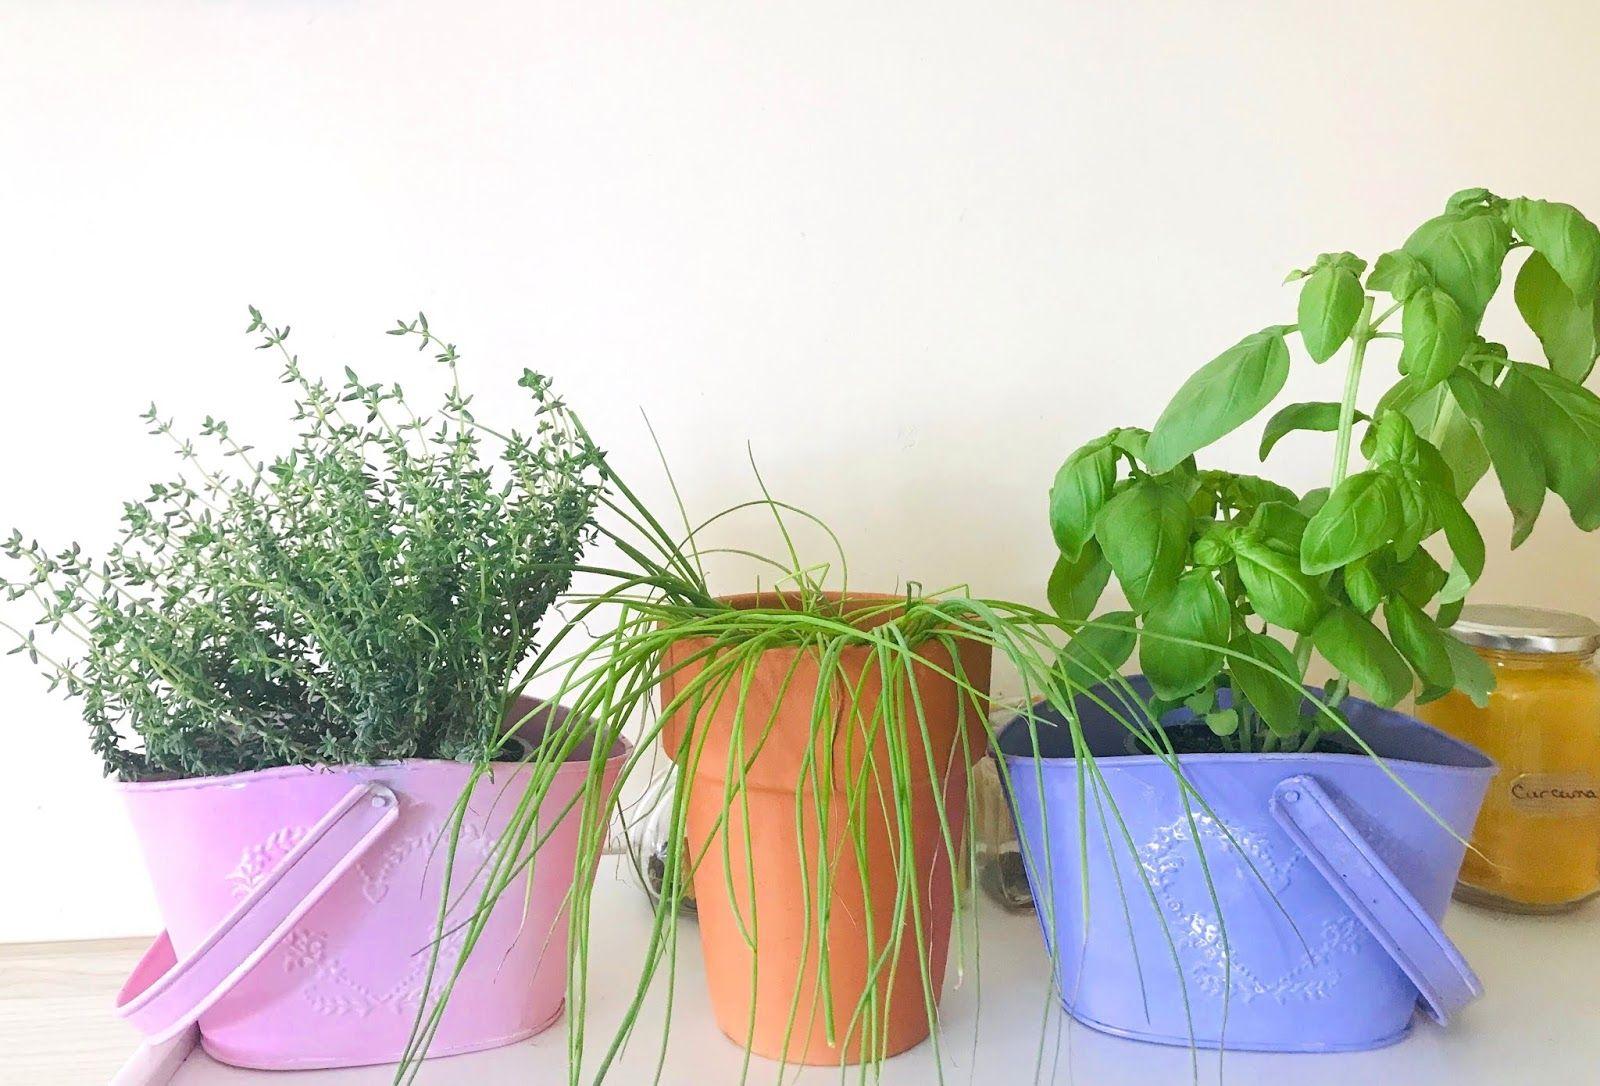 Bucket list 25 choses à faire au printemps Planter des